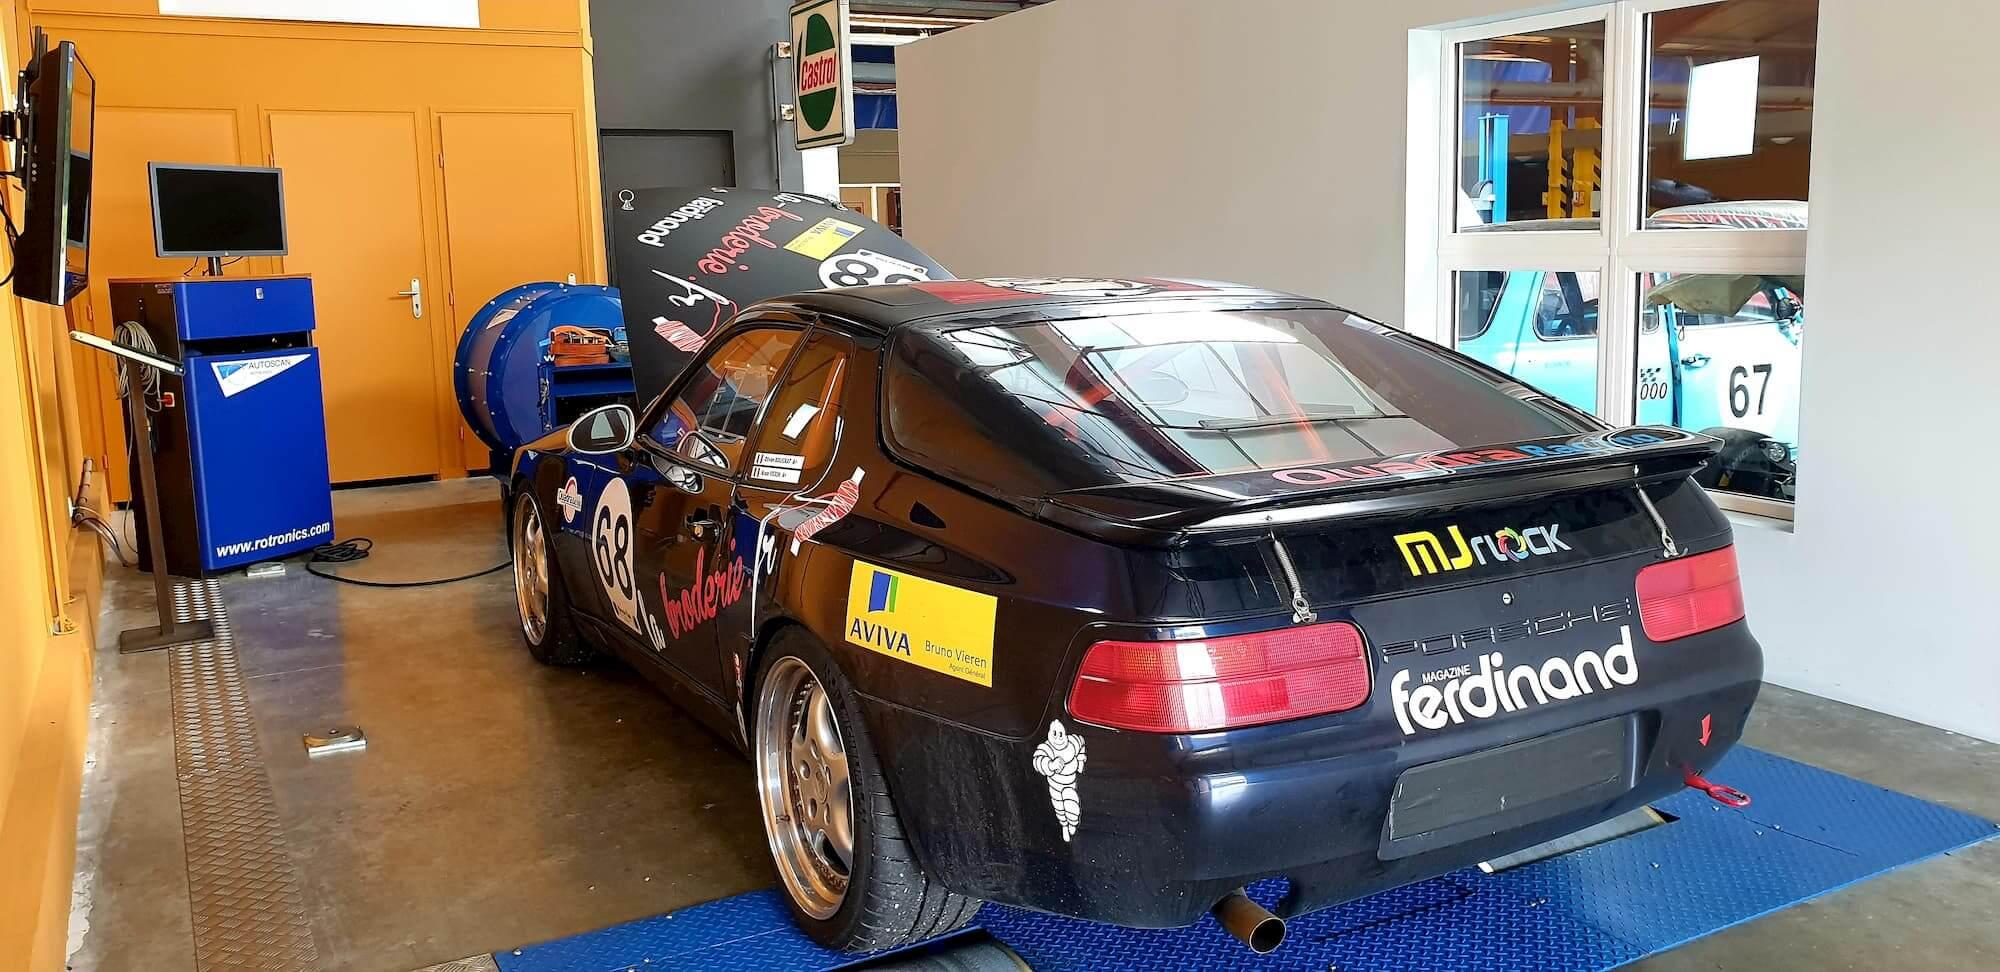 Porsche 968 - racing engineering - performance - car racing